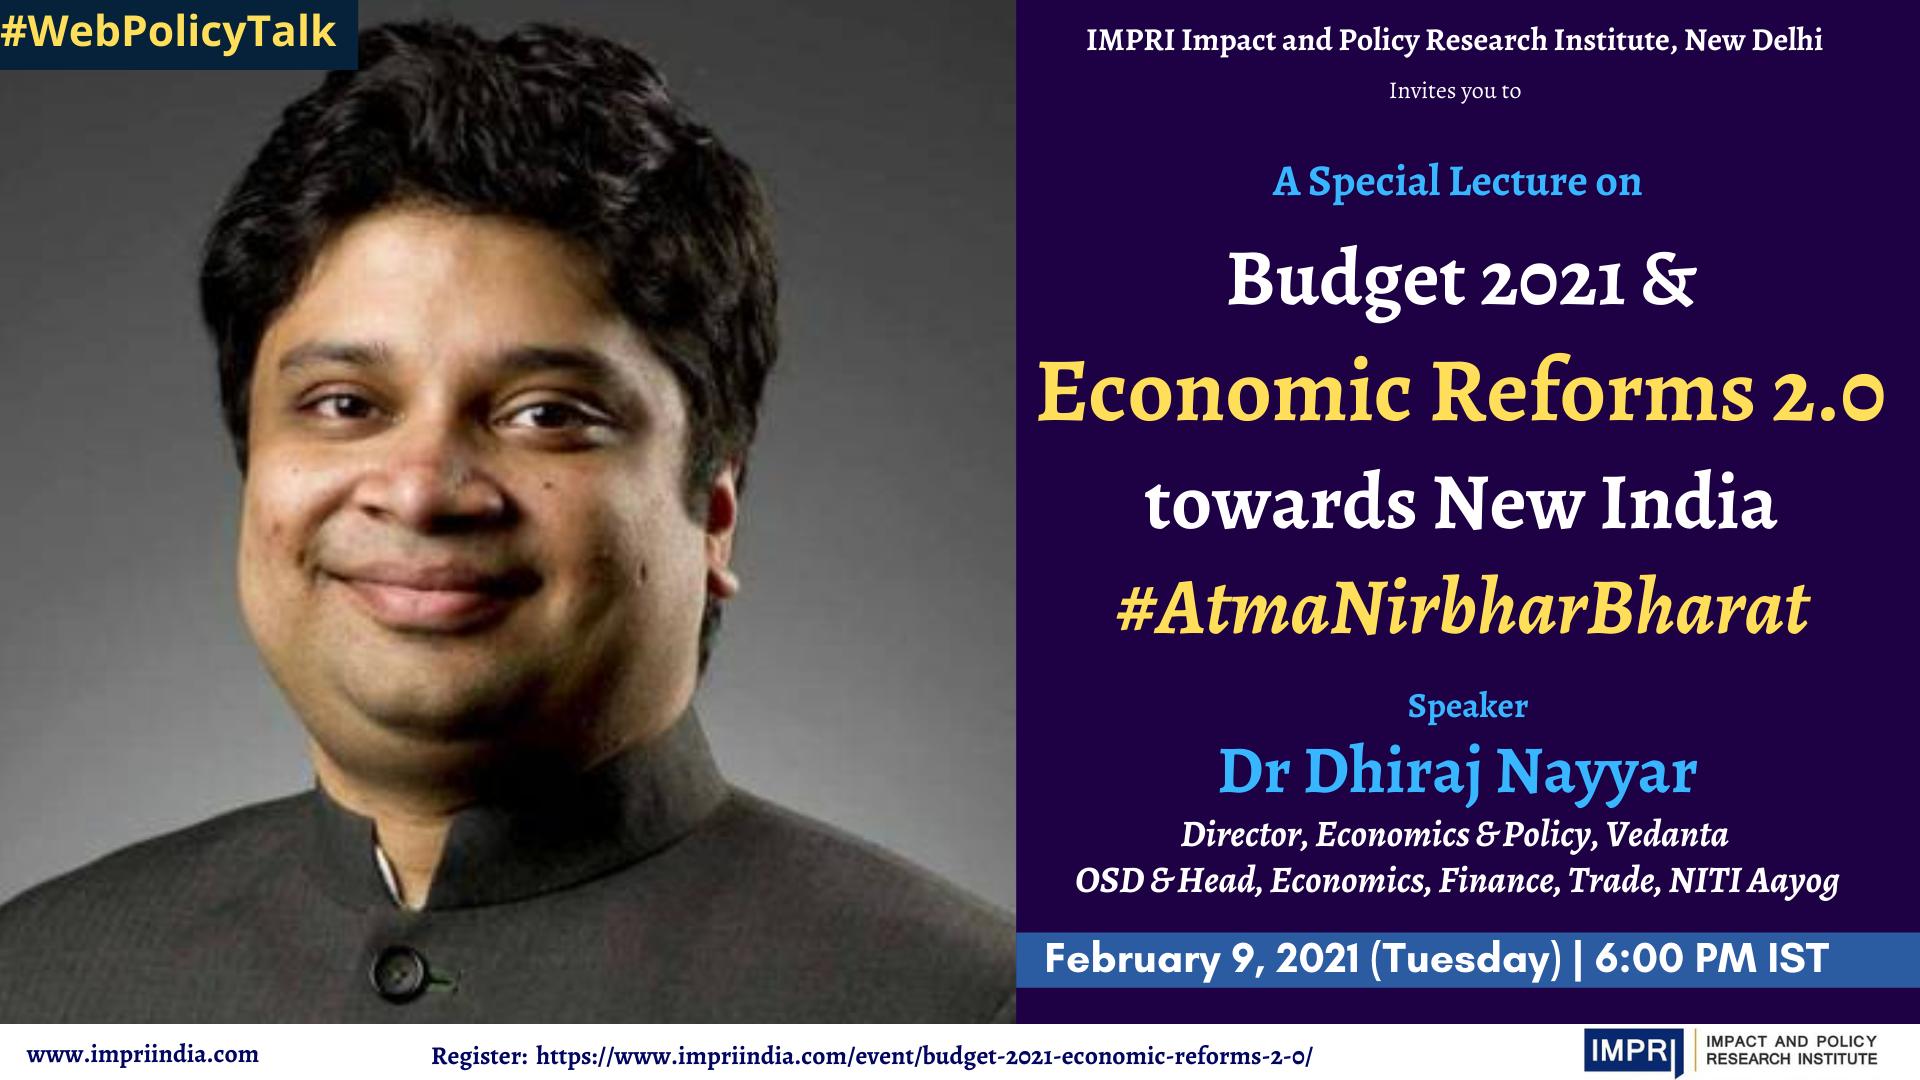 Budget 2021 & Economic Reforms 2.0 towards New India